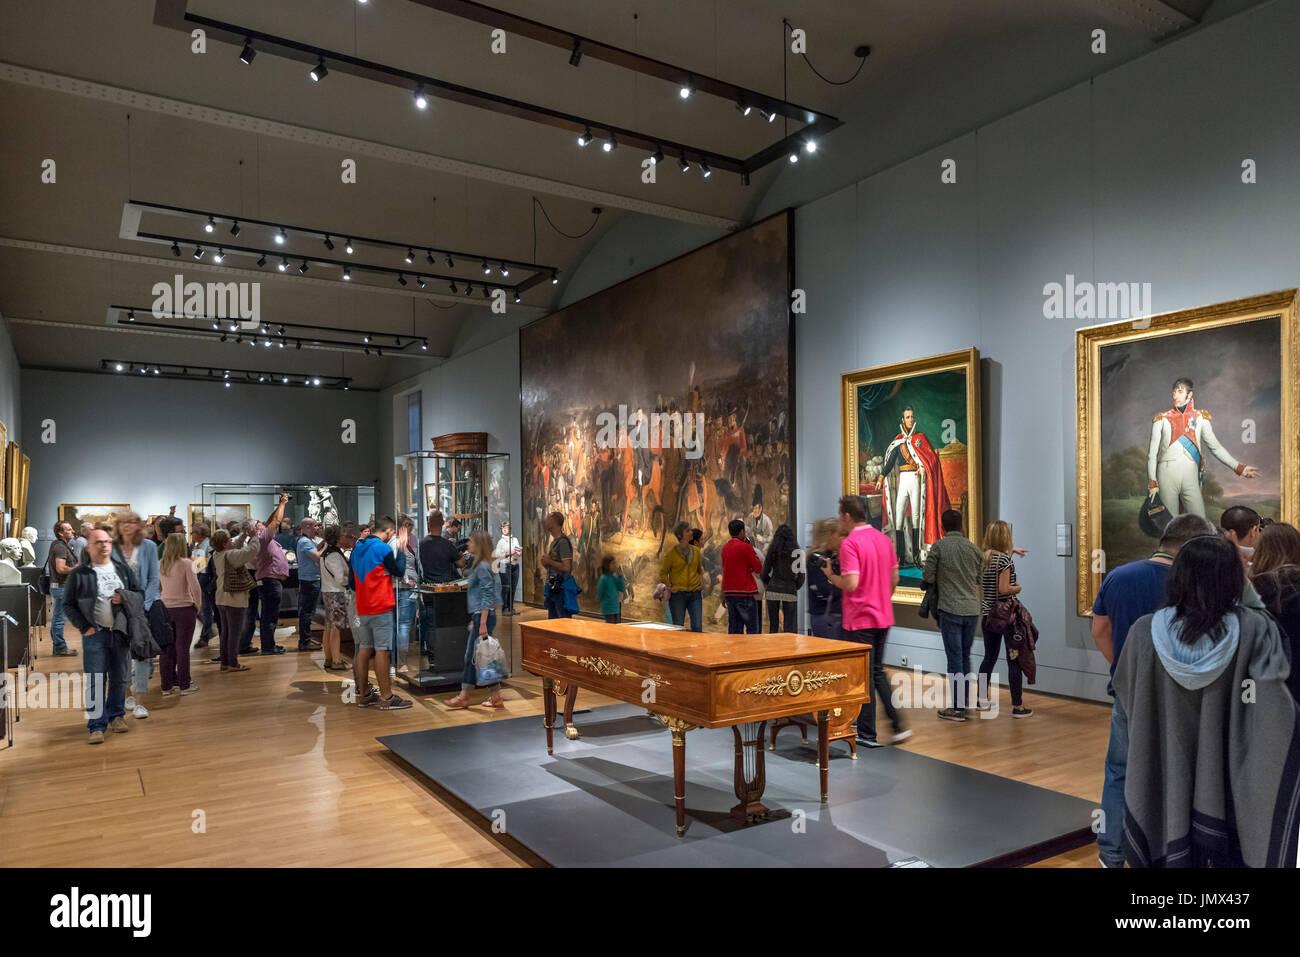 Rijksmuseum Amsterdam Stock Photos & Rijksmuseum Amsterdam Stock ...